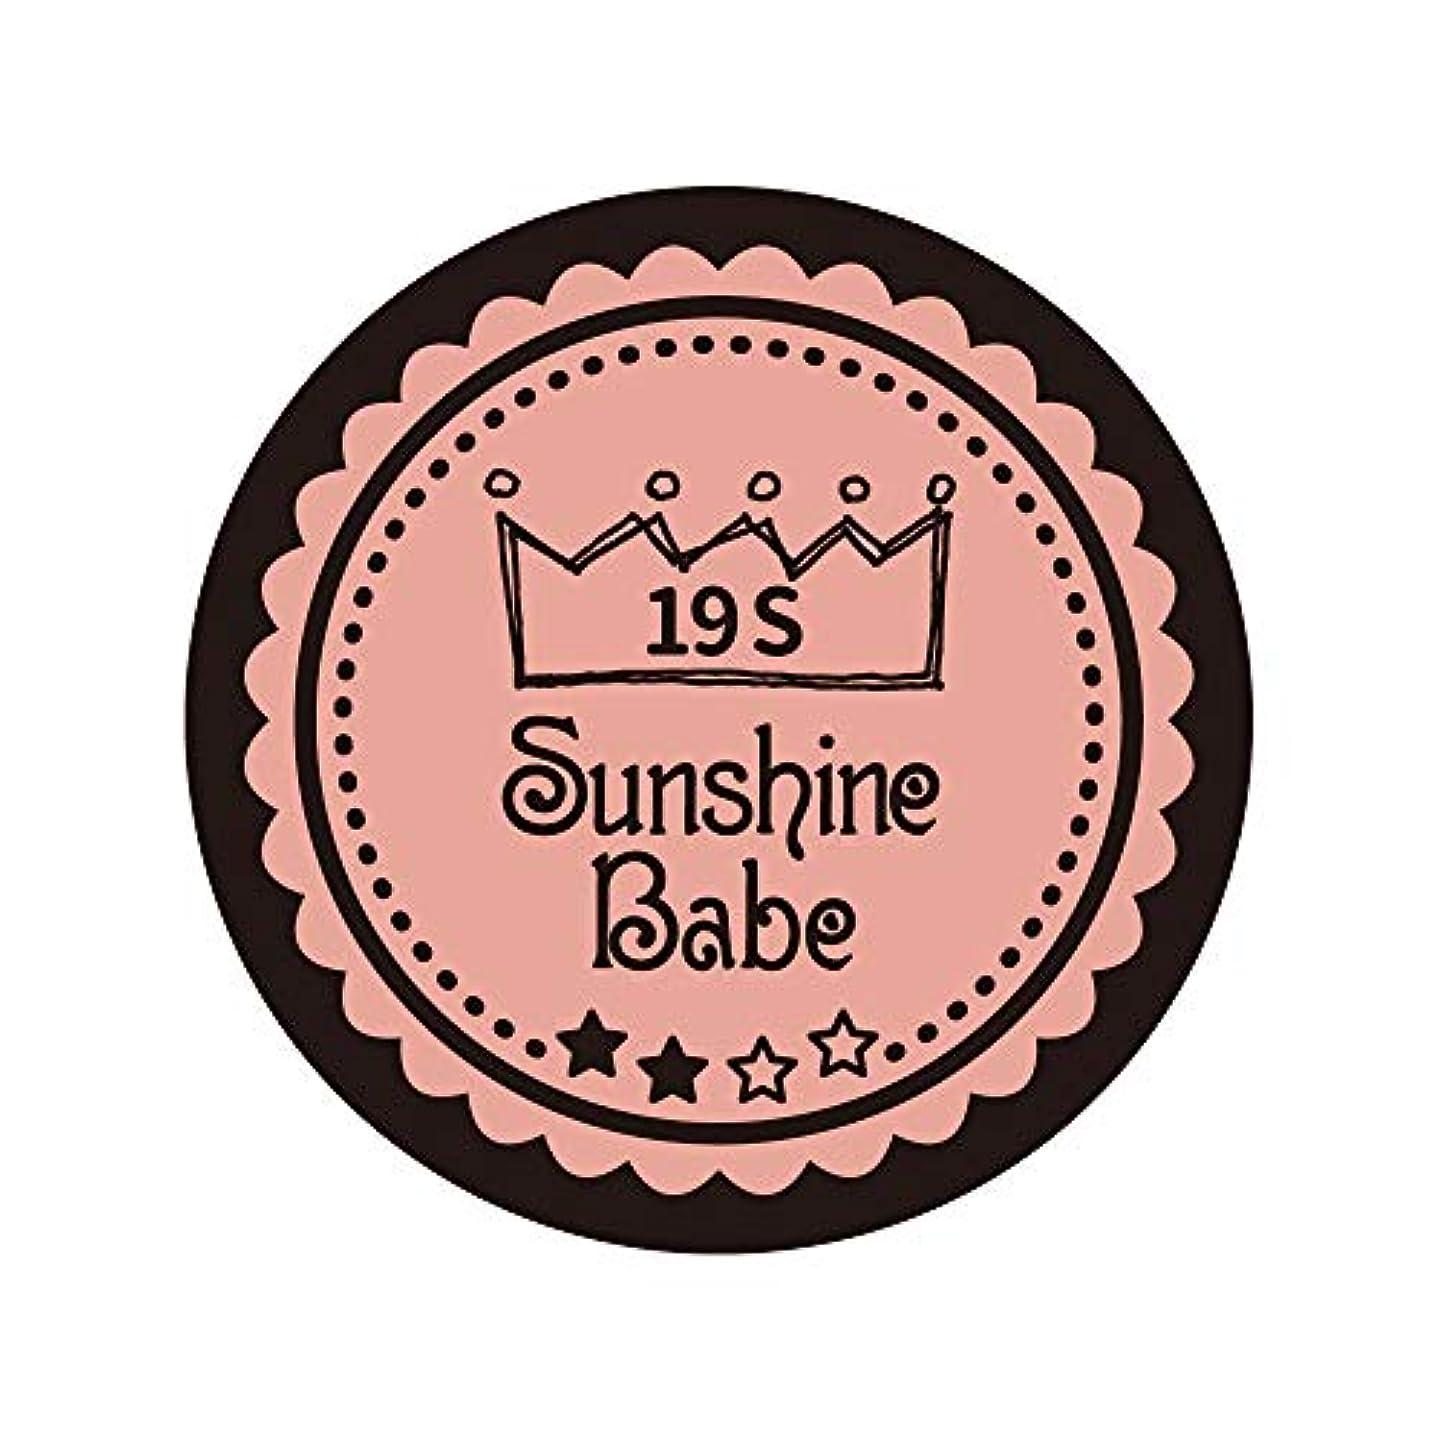 便宜太平洋諸島三Sunshine Babe カラージェル 19S ローズカシュ 2.7g UV/LED対応